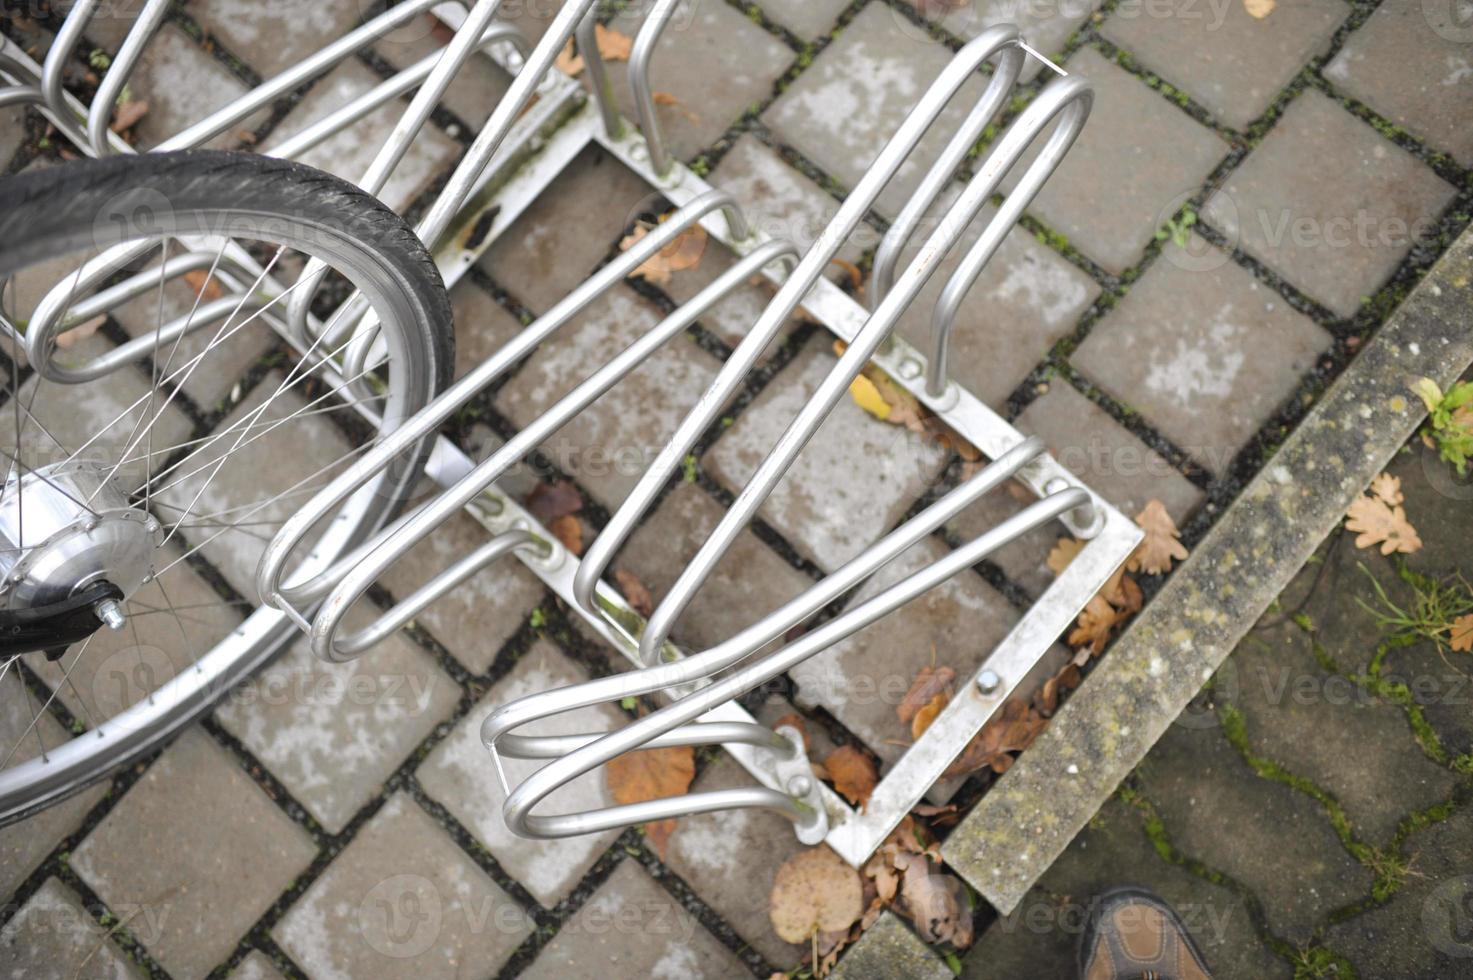 porta-bicicletas foto